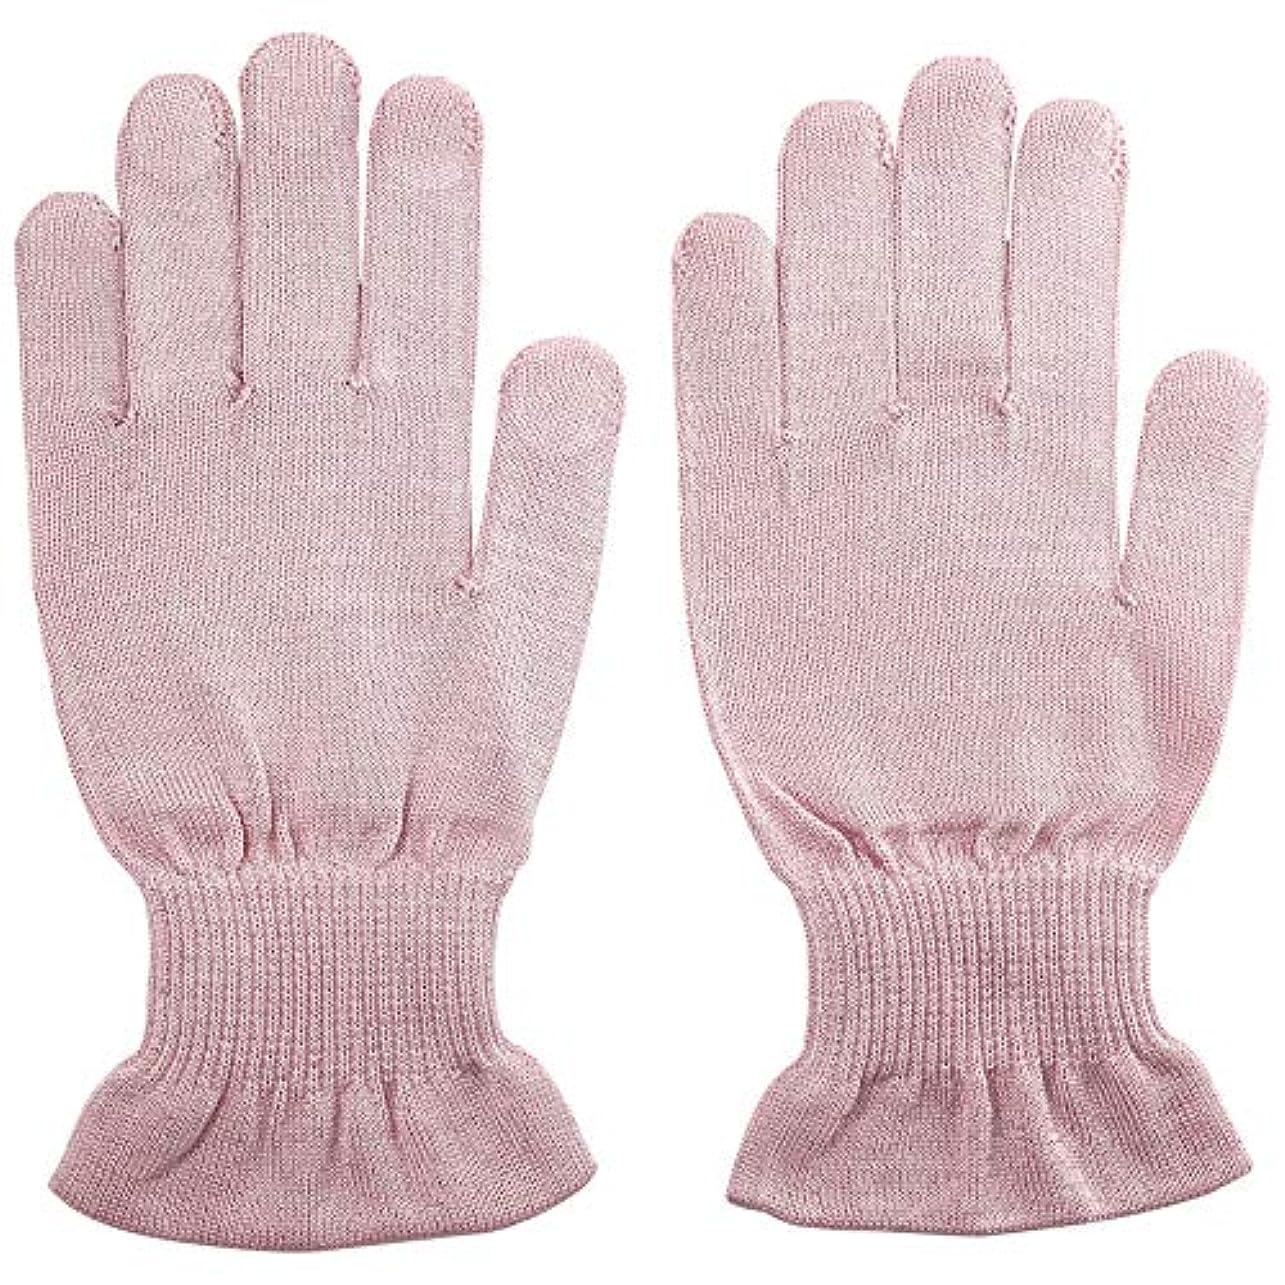 解体する怒る彼女の温むすび ハンドケア手袋 【手のひら美人 女性用 M~Lサイズ】 ペールピンク